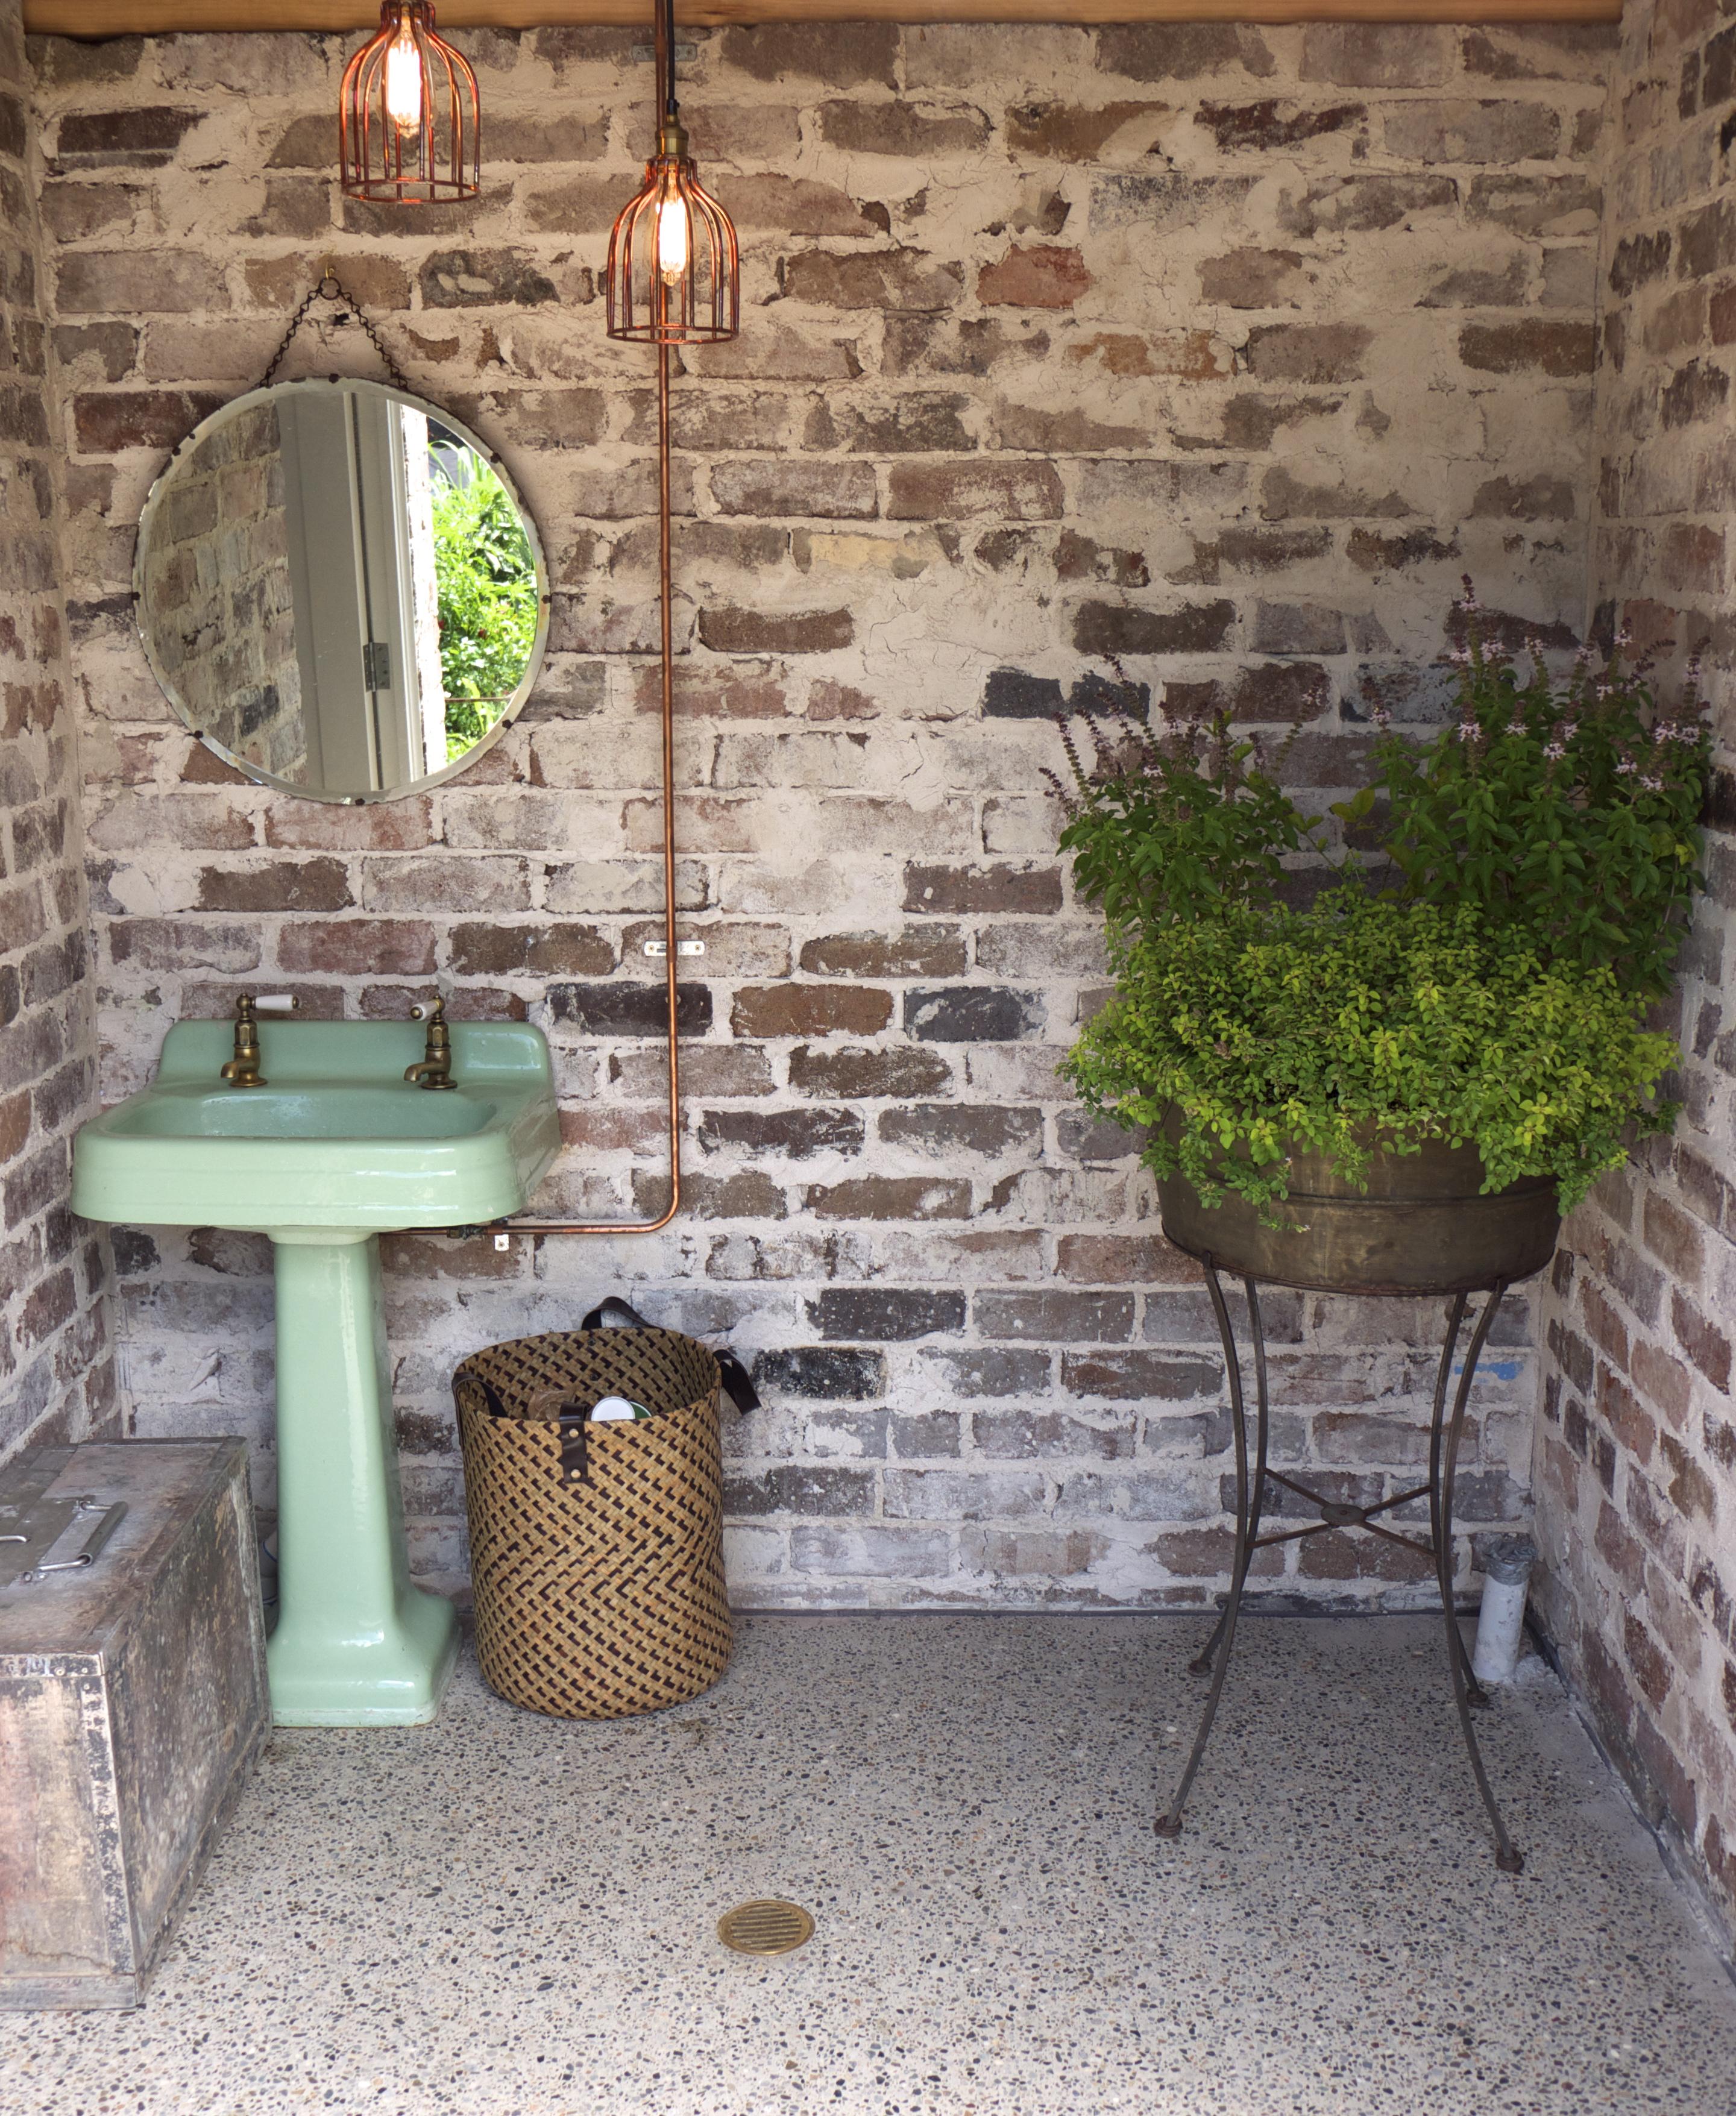 The Grounds of Alexandria - Industrial Garden Bathroom